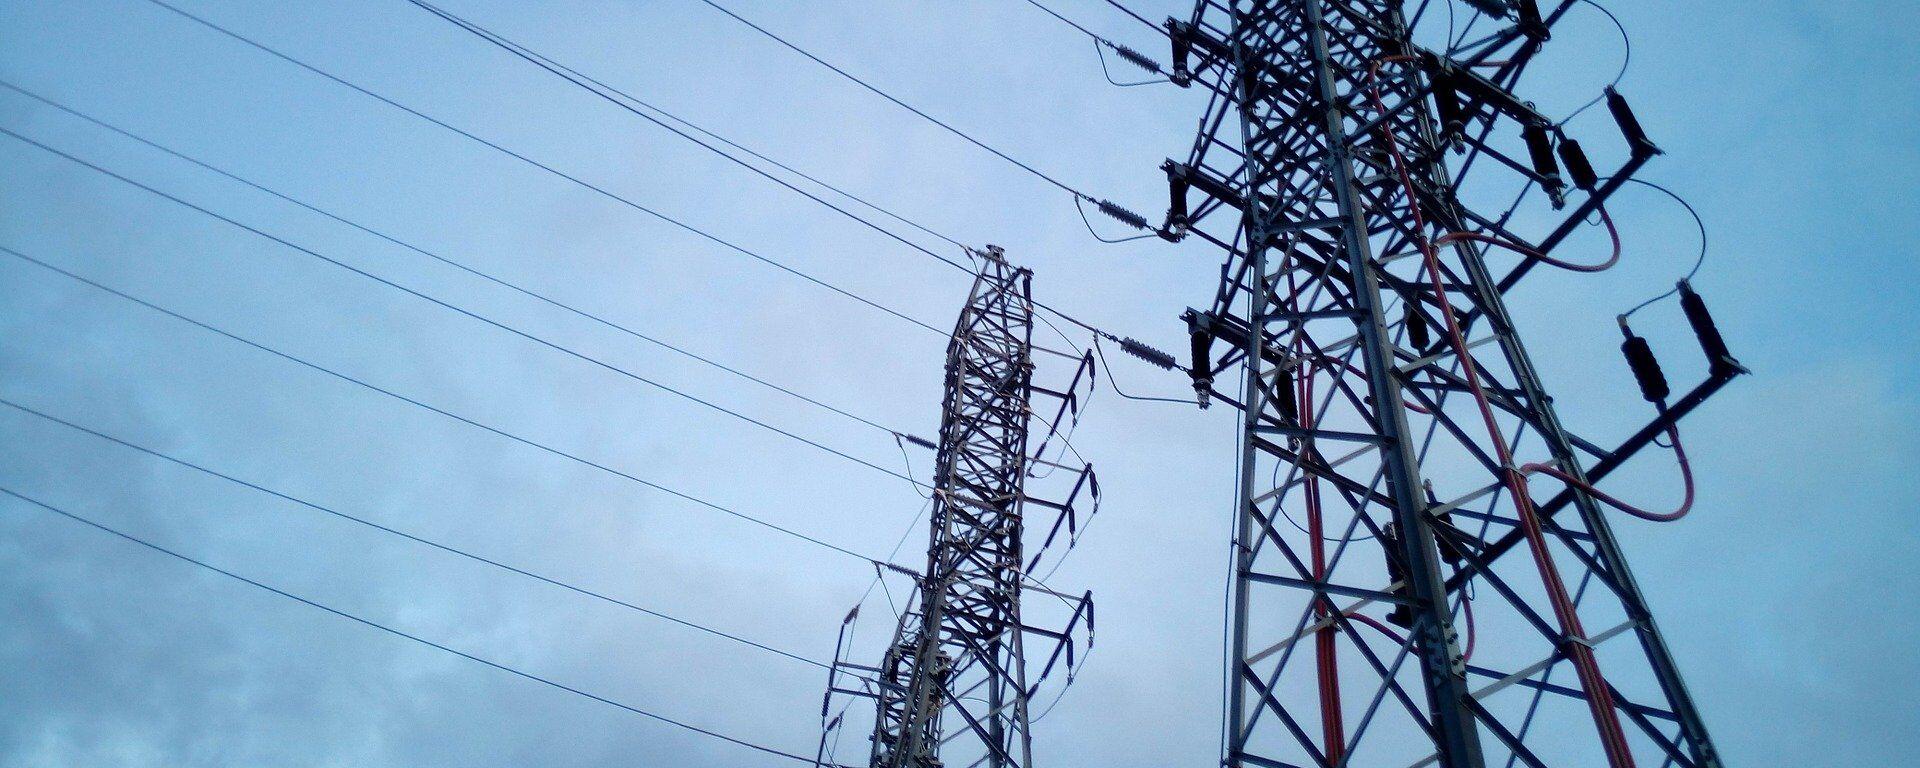 Torres eléctricas de alta tensión - Sputnik Mundo, 1920, 24.03.2021